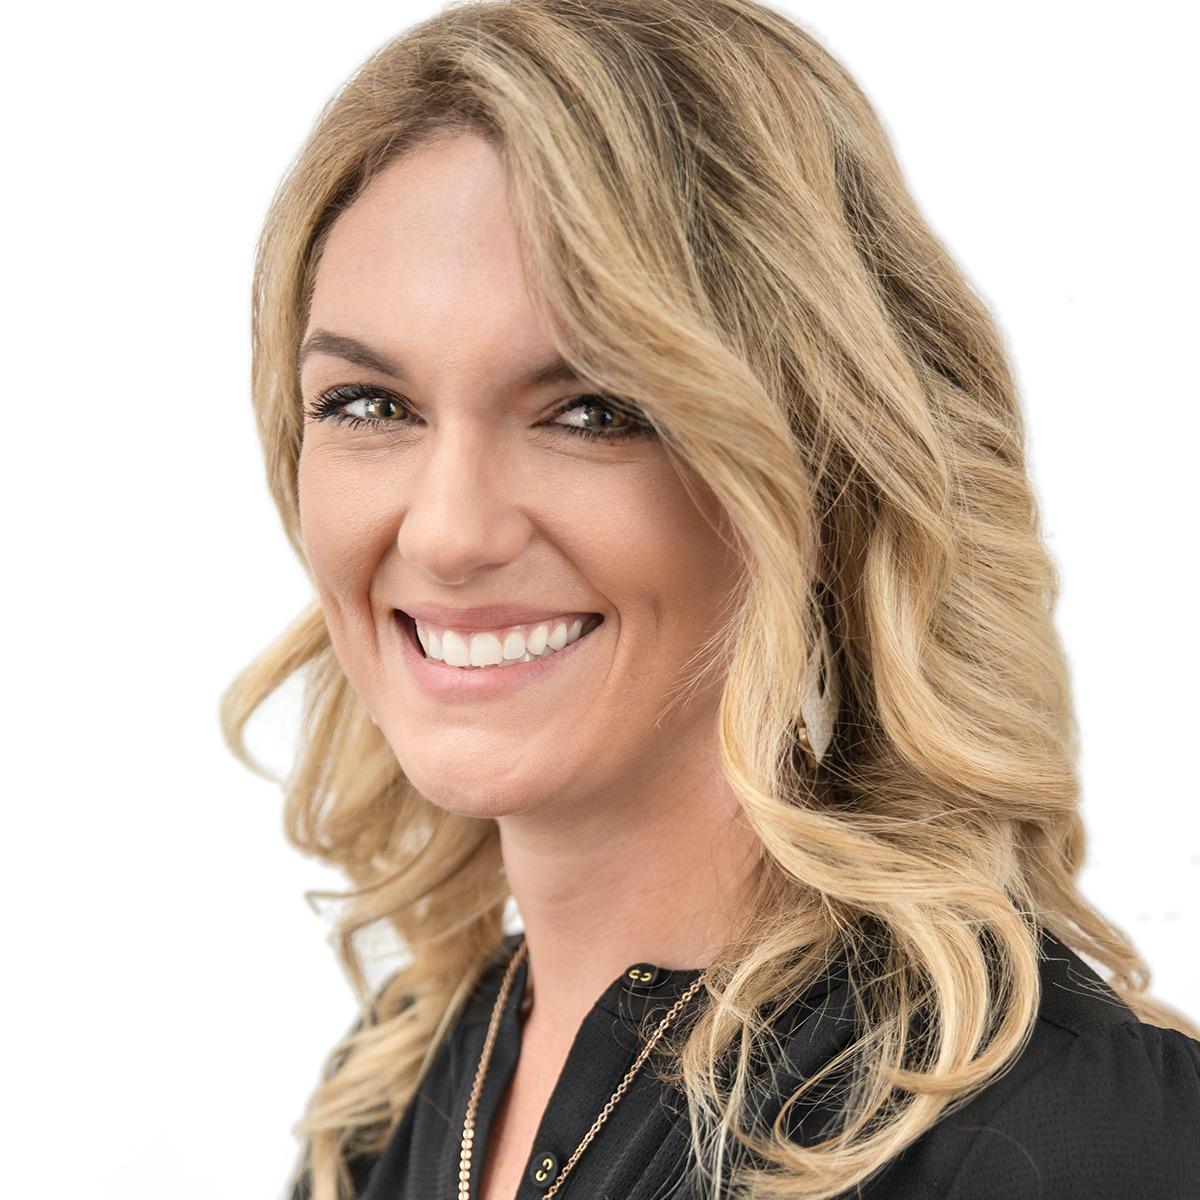 Jessica Rumbaugh